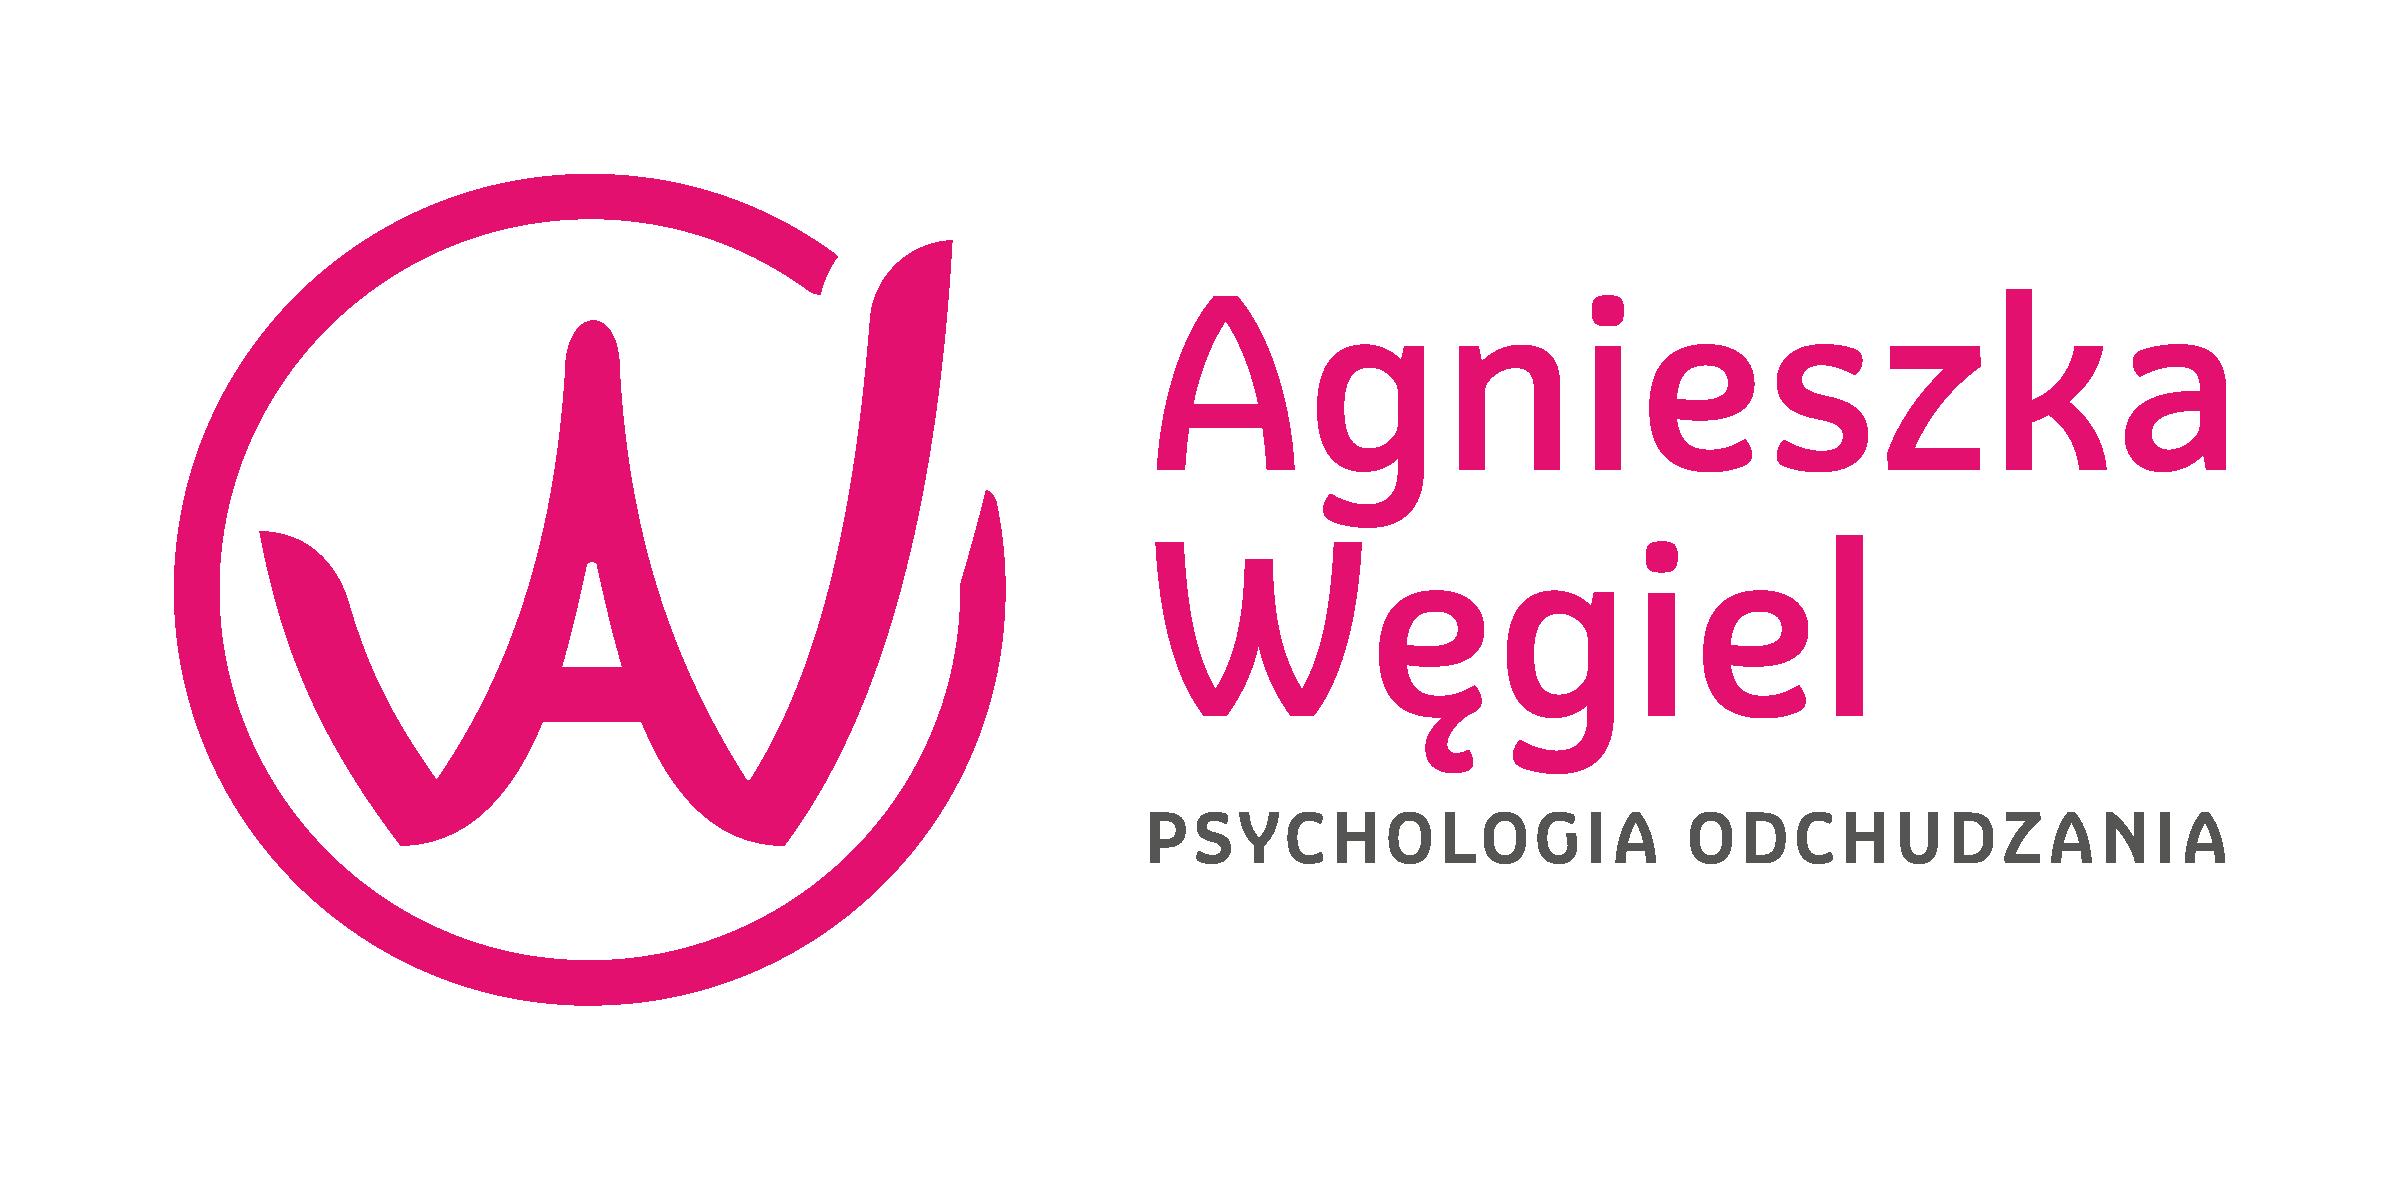 Agnieszka Węgiel – Psychologia Odchudzania